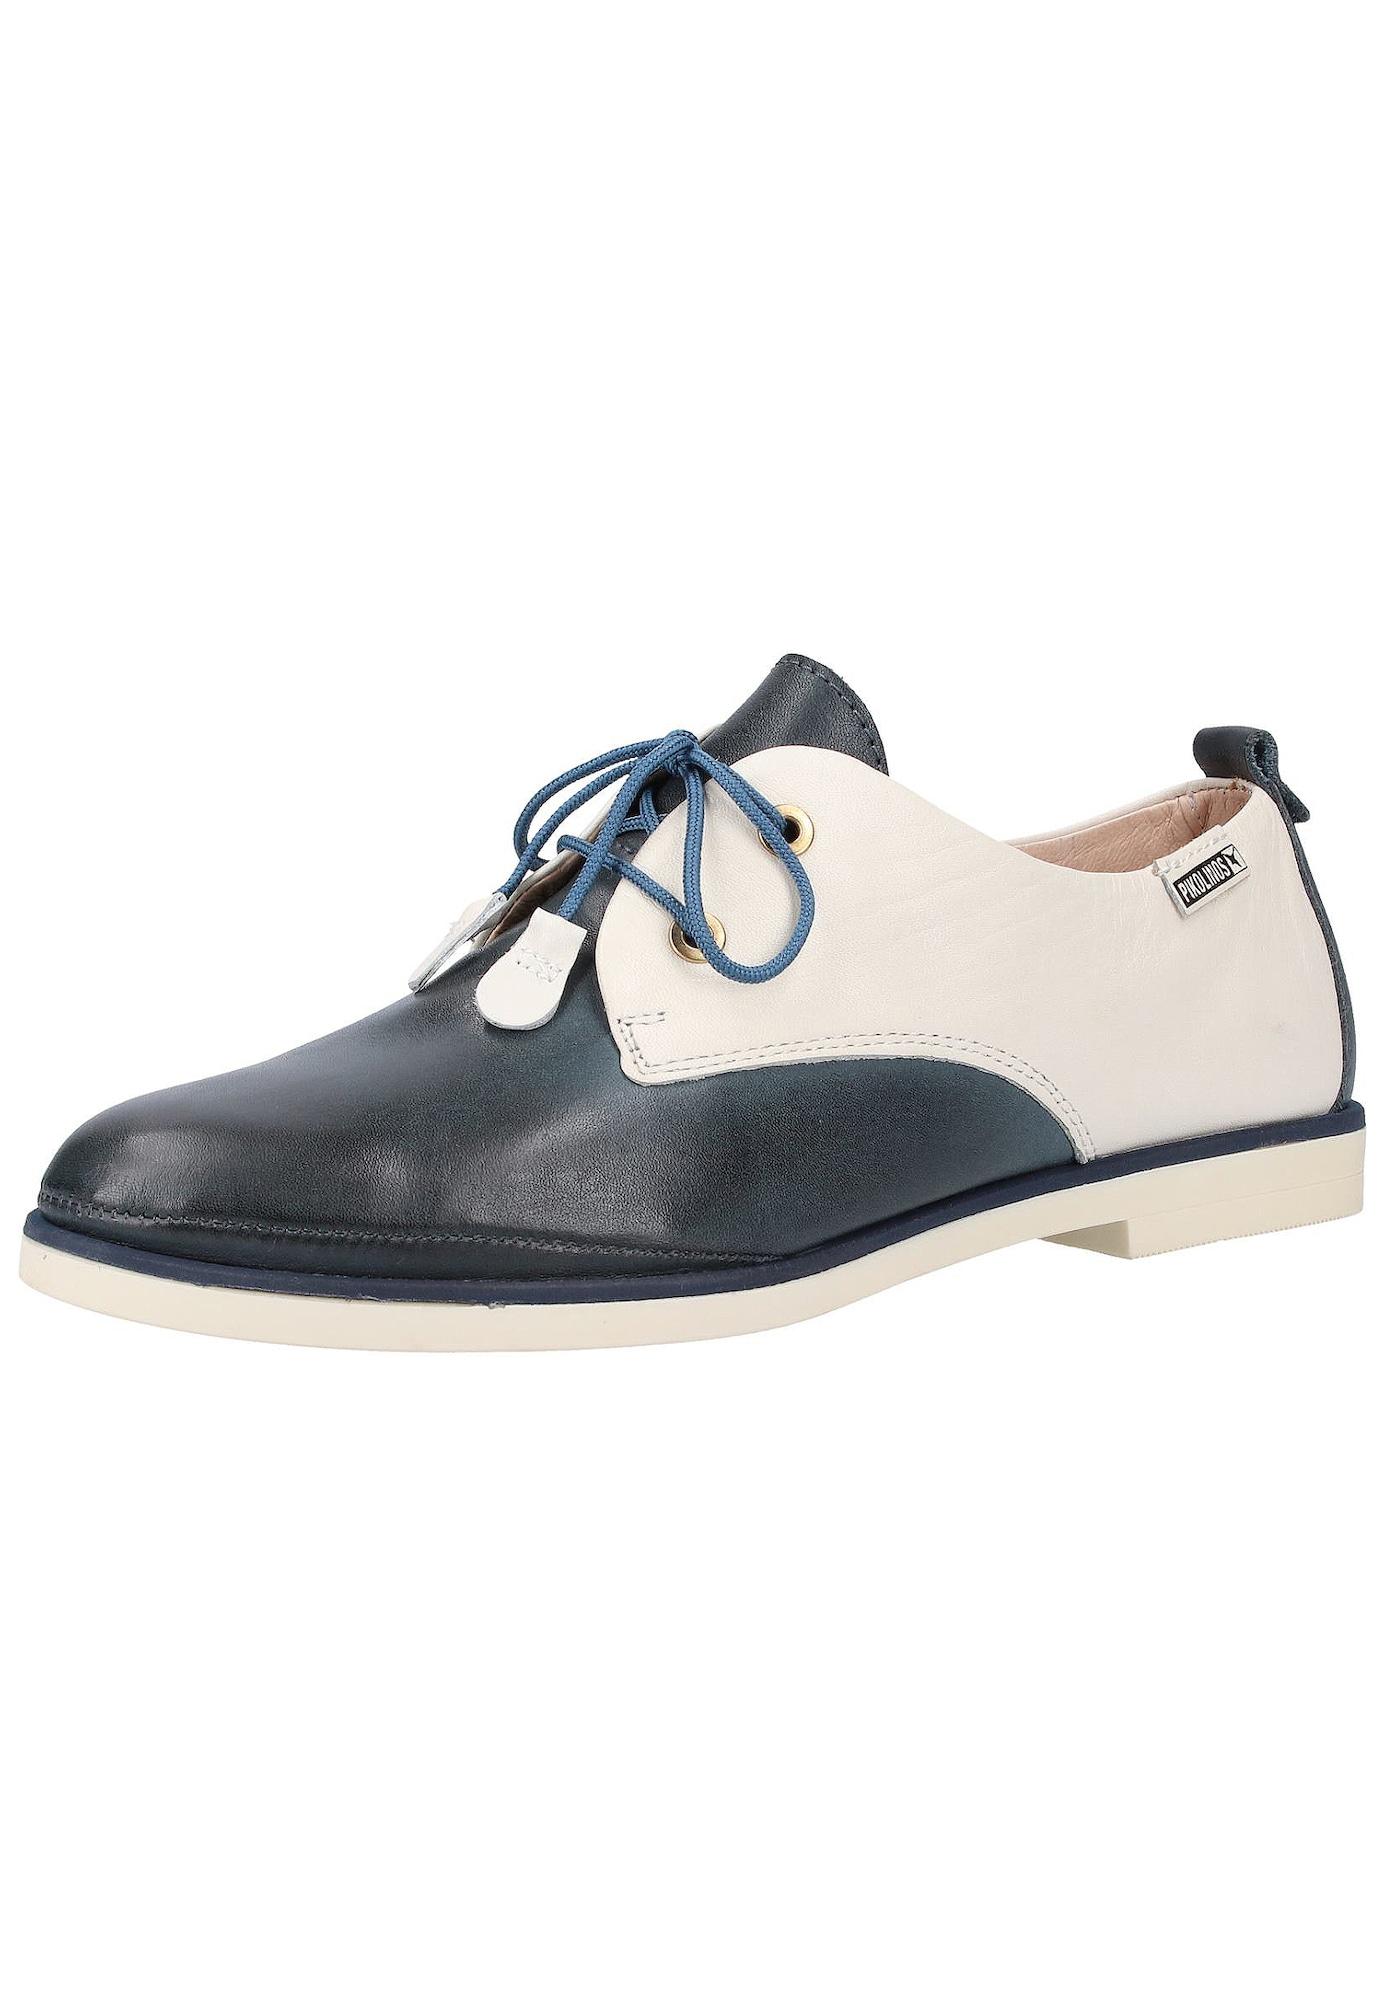 Halbschuhe | Schuhe > Boots > Schnürboots | Weiß | PIKOLINOS